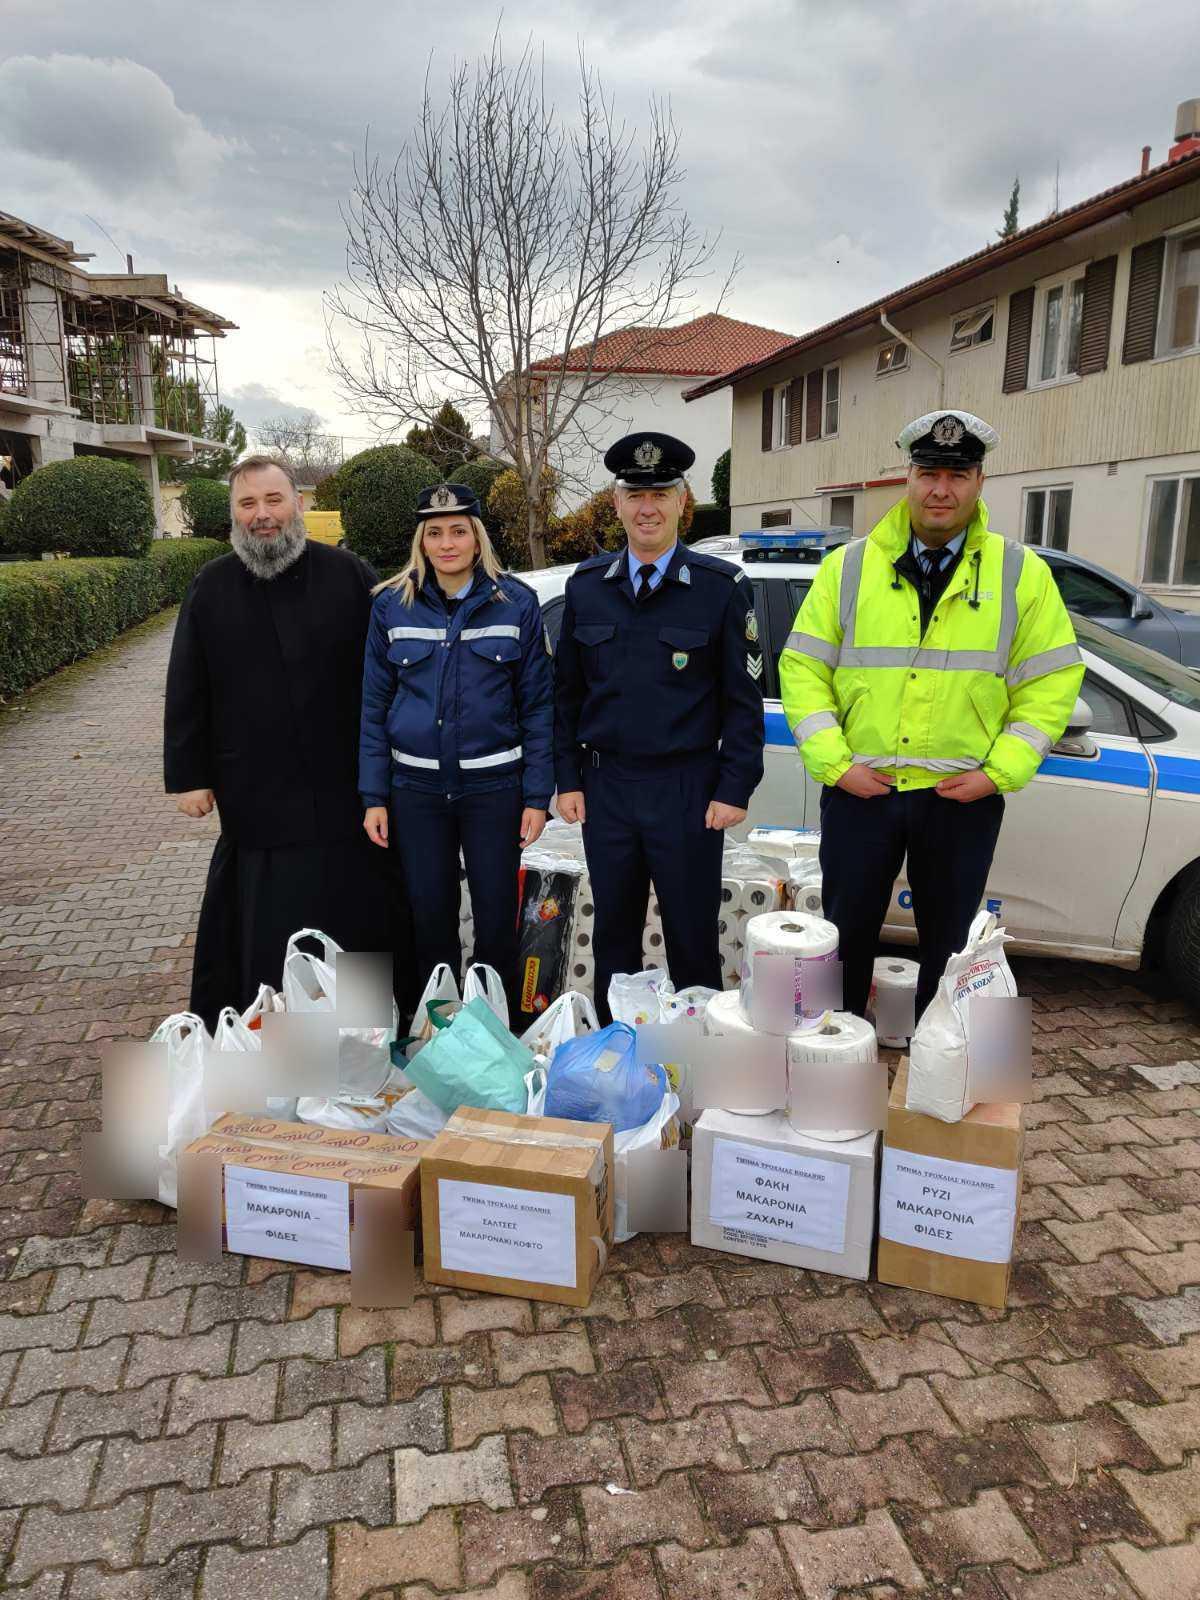 Στο πλαίσιο εορτασμού των Χριστουγέννων και του Νέου Έτους, οι Αστυνομικές Υπηρεσίες της Δυτικής Μακεδονίας συγκέντρωσαν εθελοντικά διάφορα είδη, τα οποία προσφέρθηκαν σε Ιδρύματα και φορείς